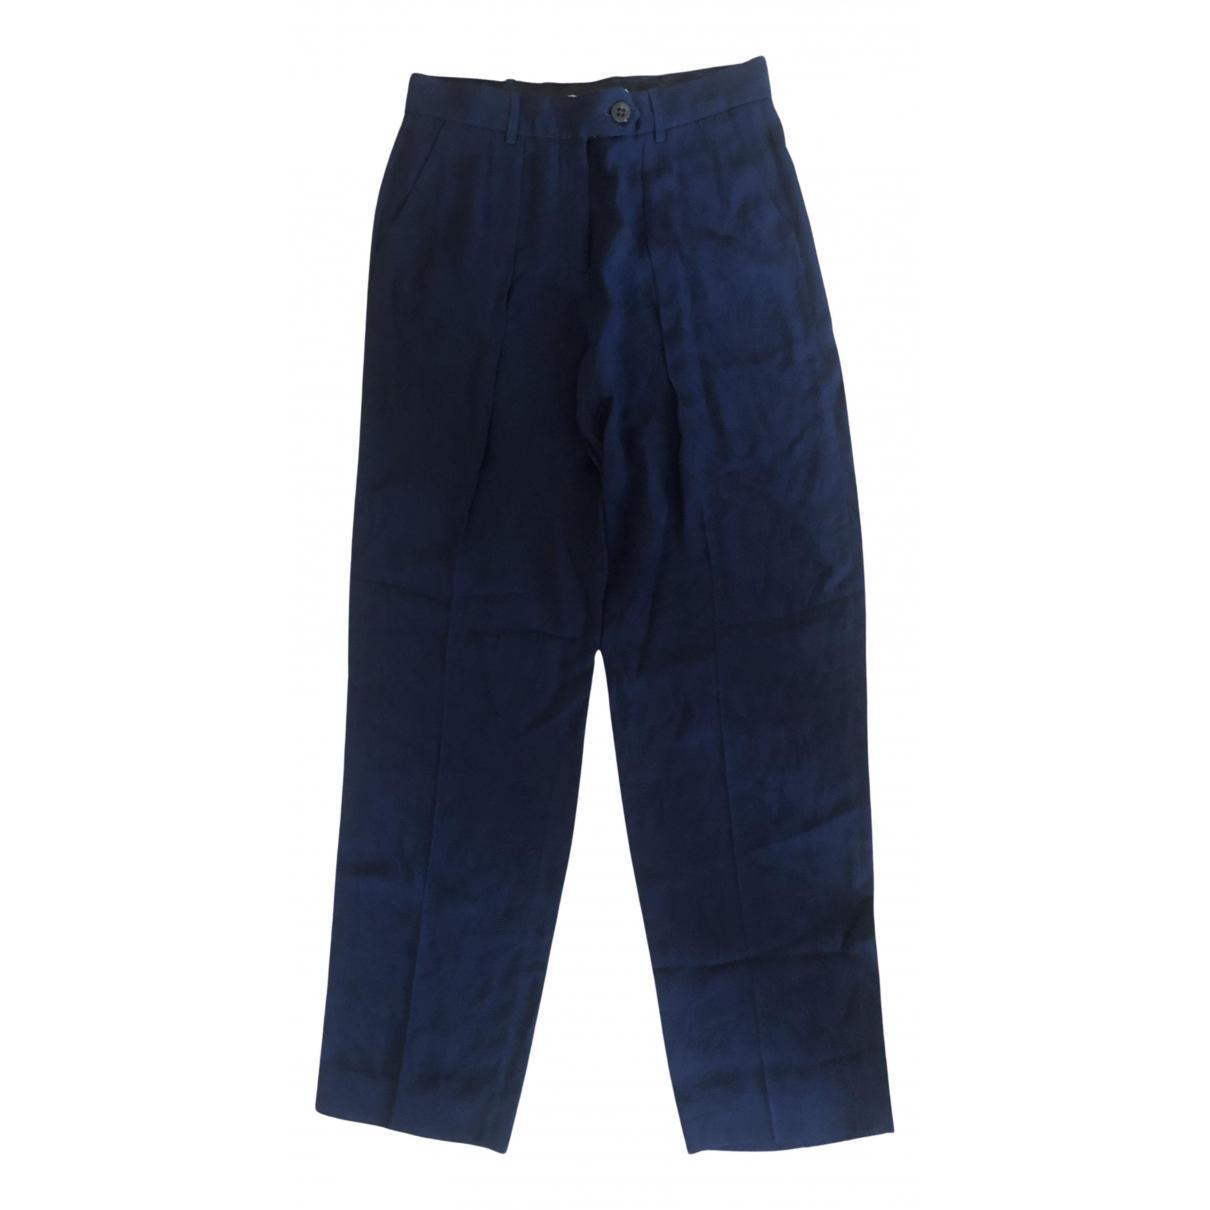 Pantalon de traje Victoria, Victoria Beckham